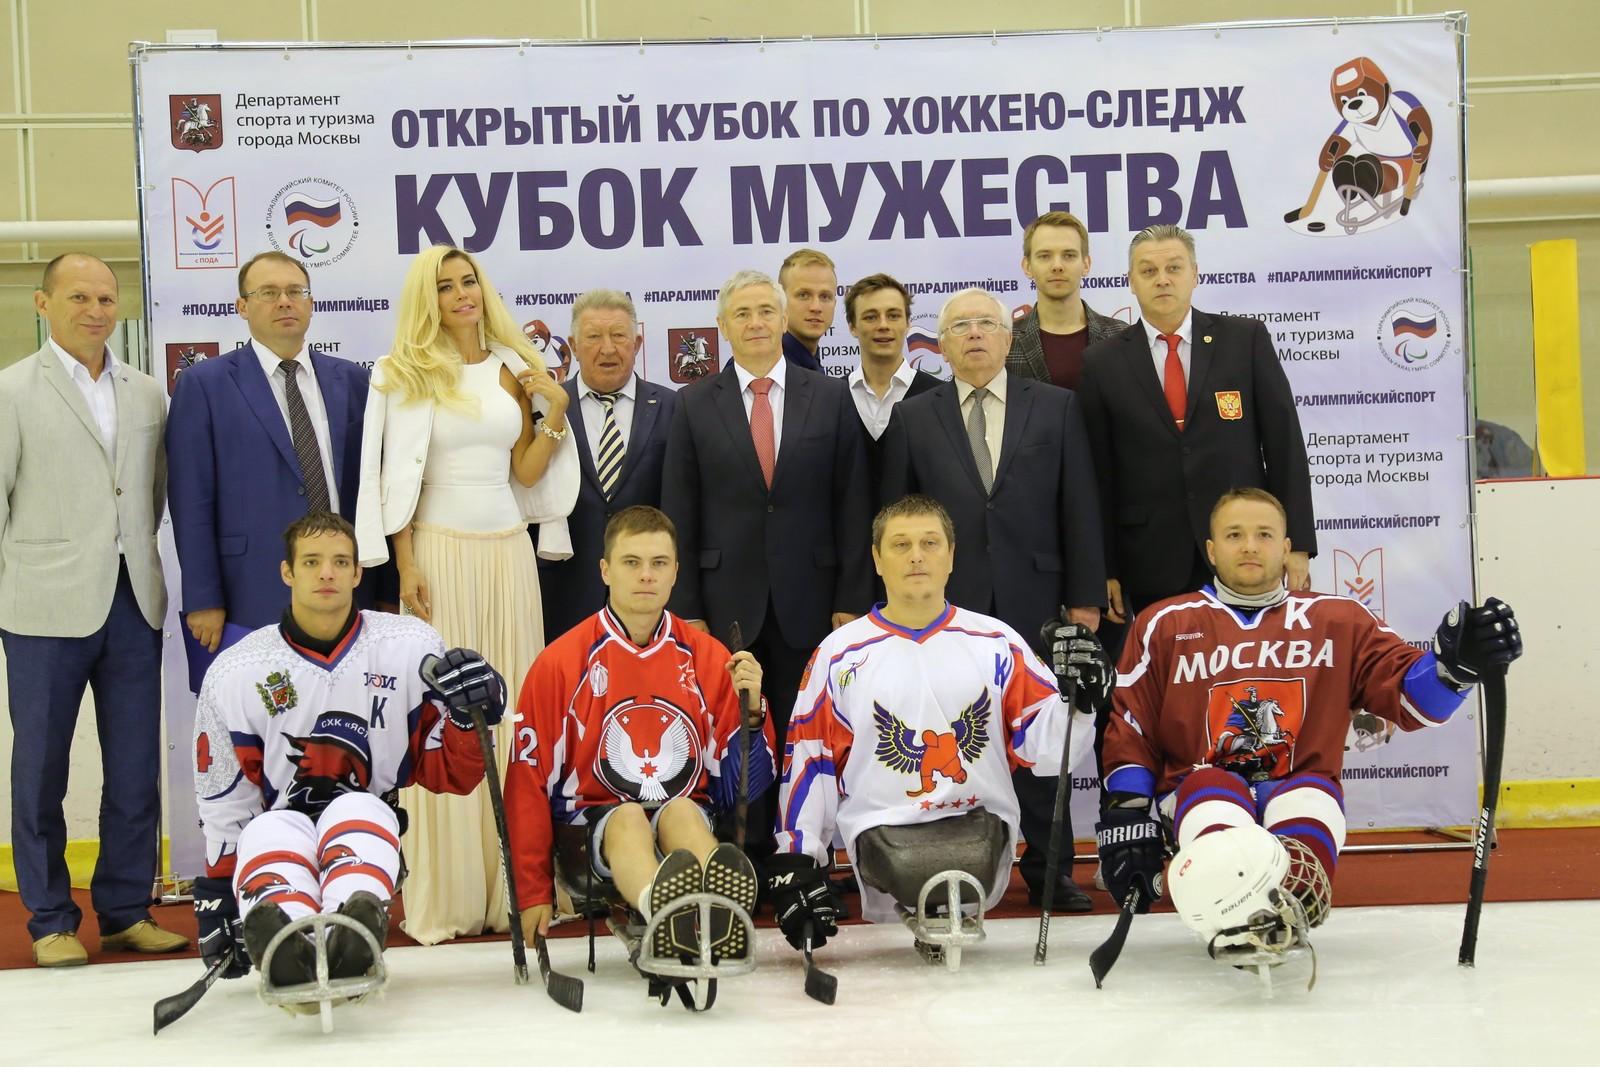 В г. Москве во Дворце спорта «Янтарь» состоялась торжественная церемония открытия Турнира по хоккею-следж «Кубок Мужества»